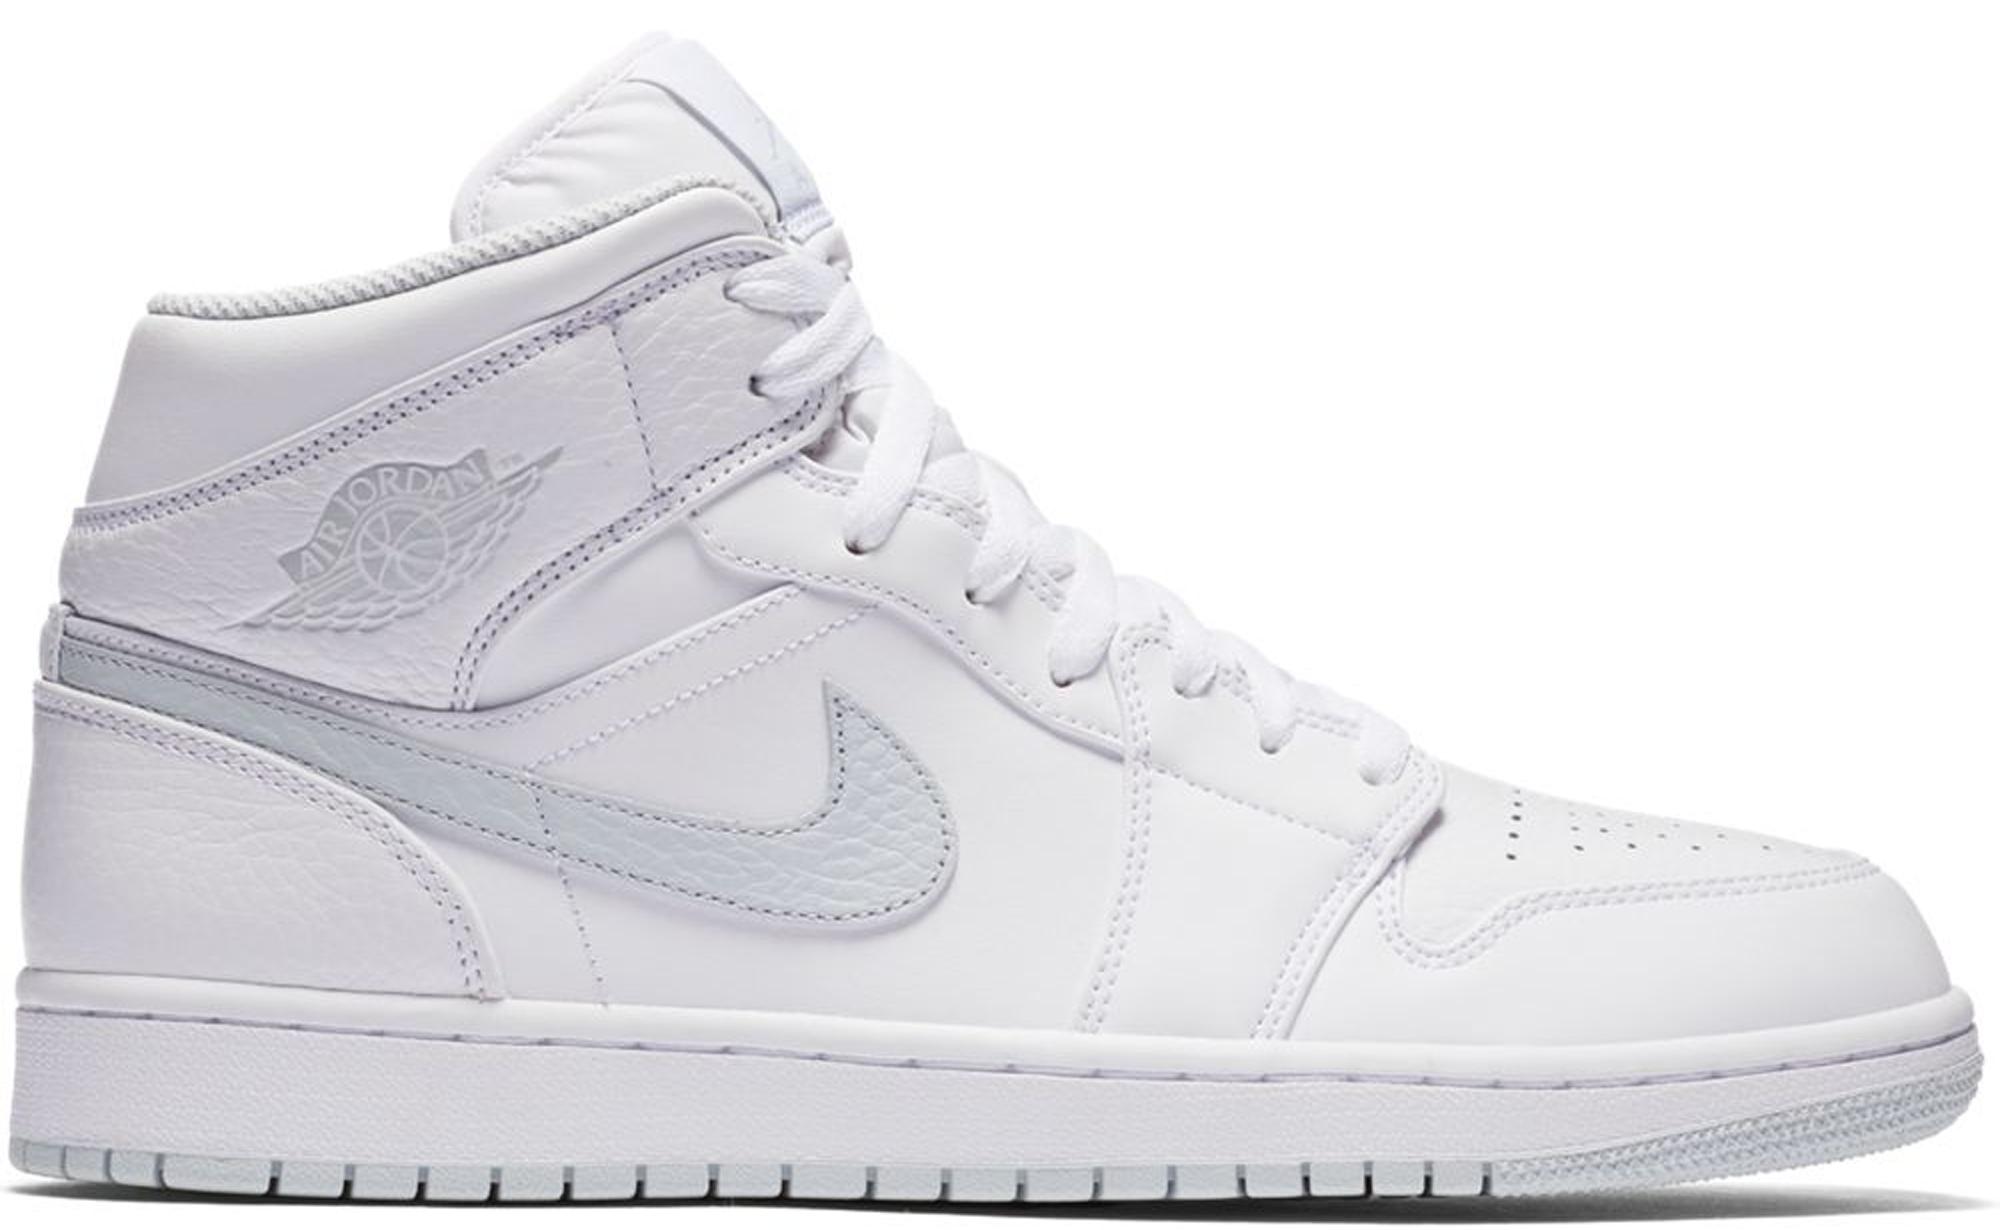 Jordan 1 Mid White Pure Platinum Swoosh